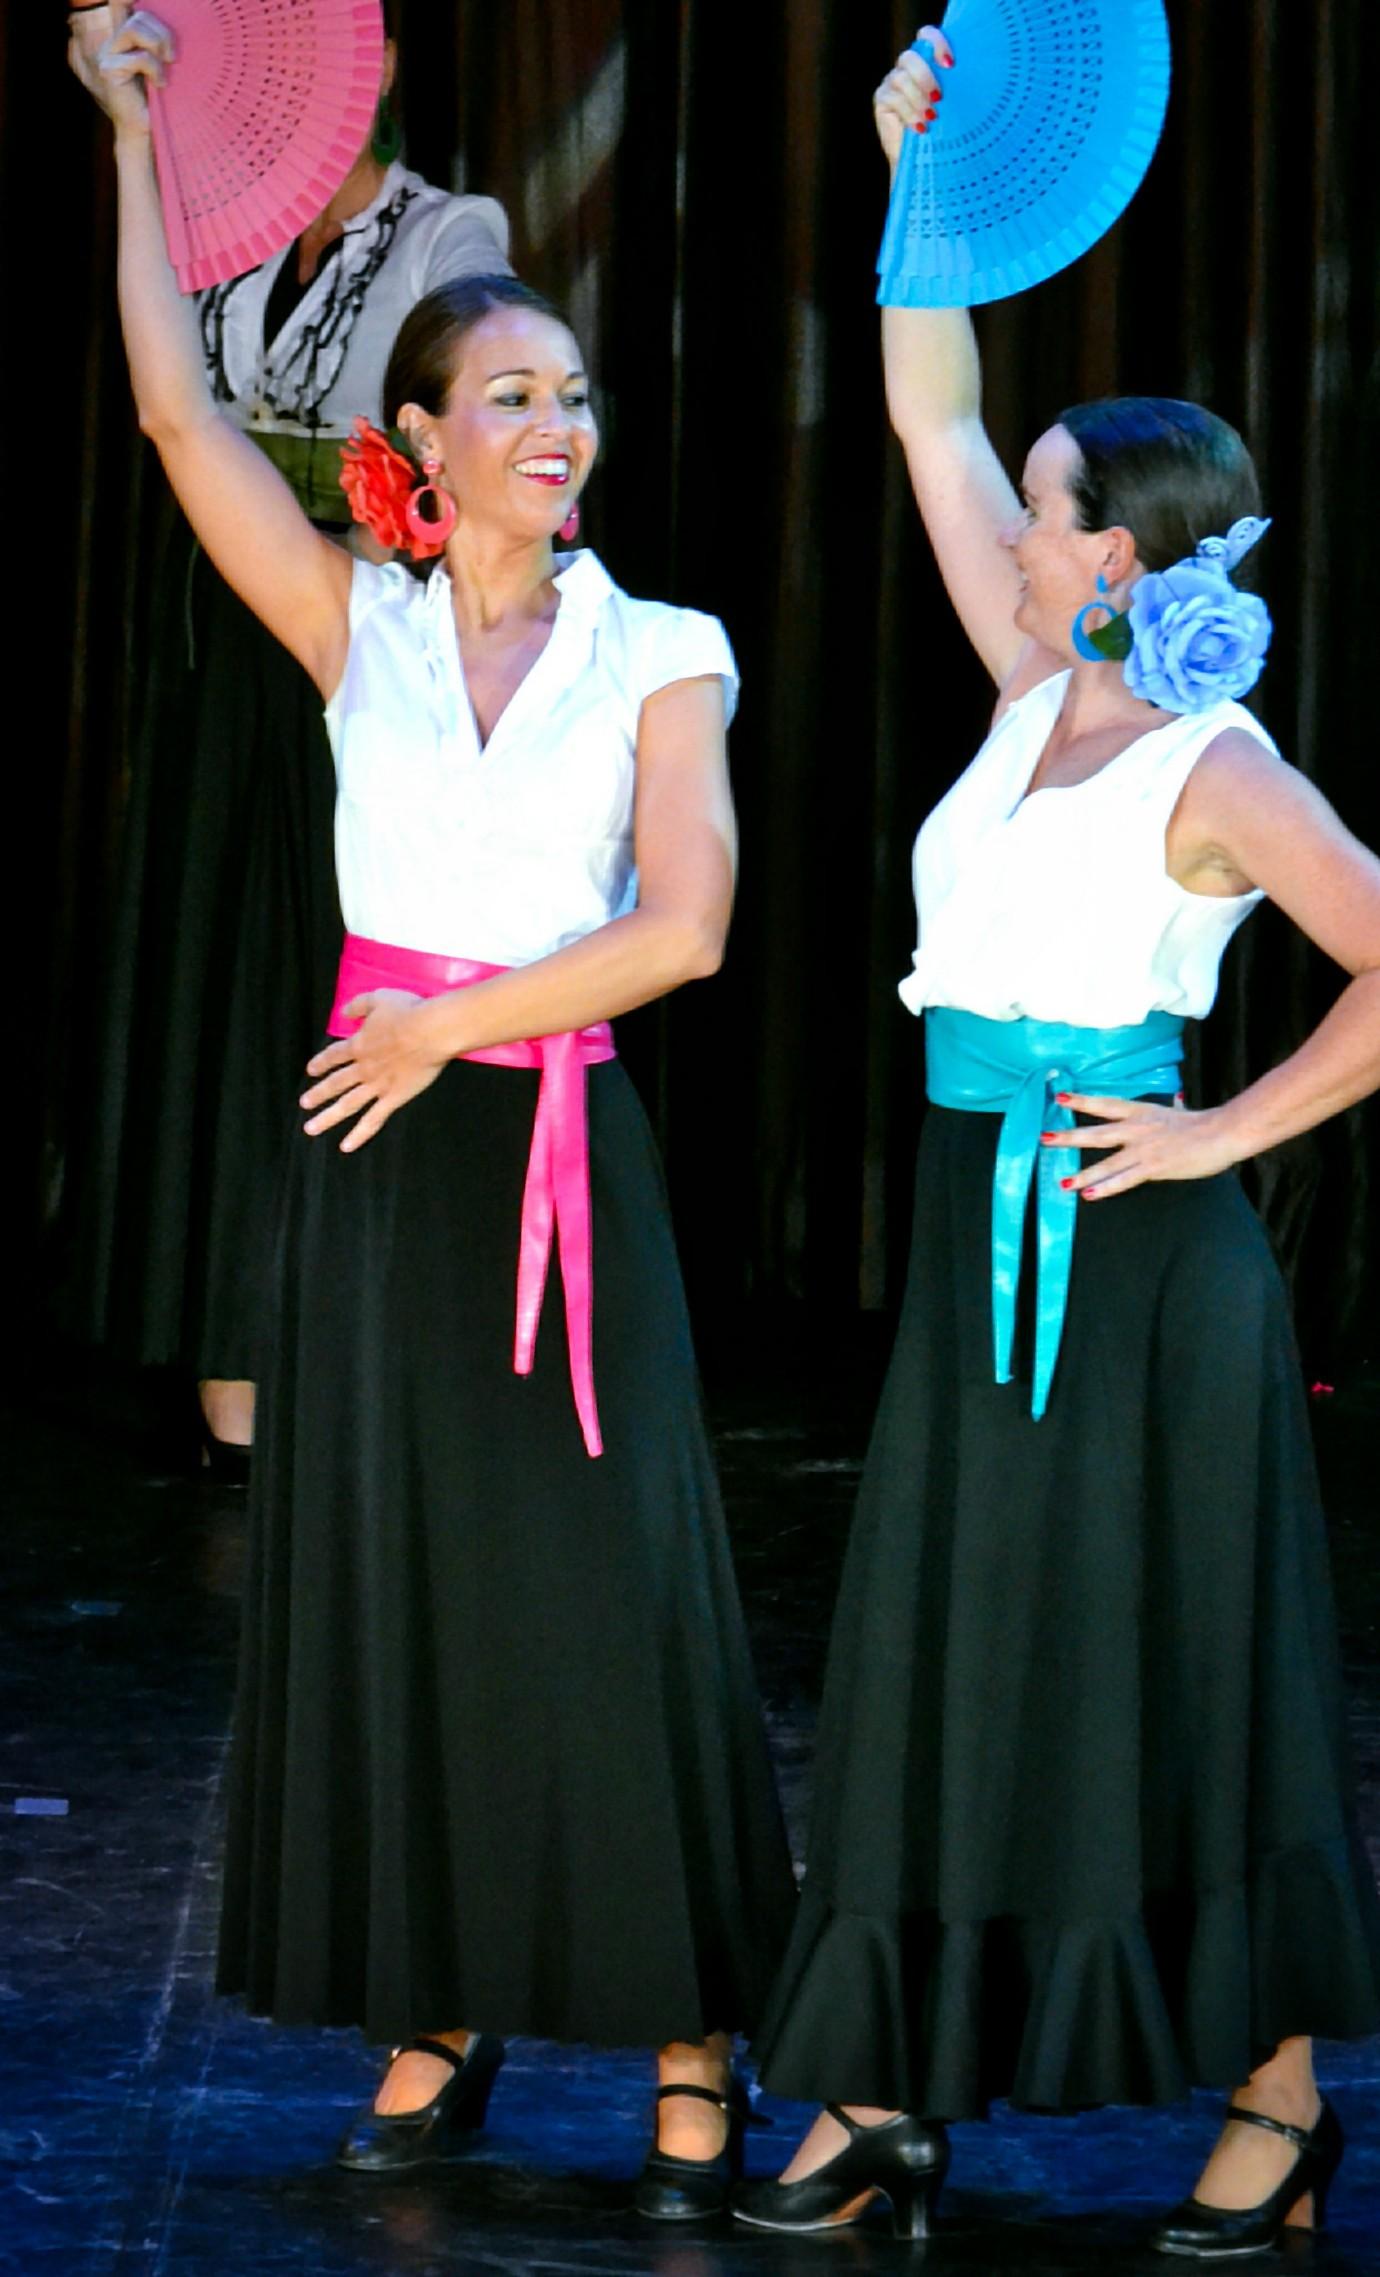 Linea-de-Baile-festival-verano-2015-clases-de-baile-valencia-9